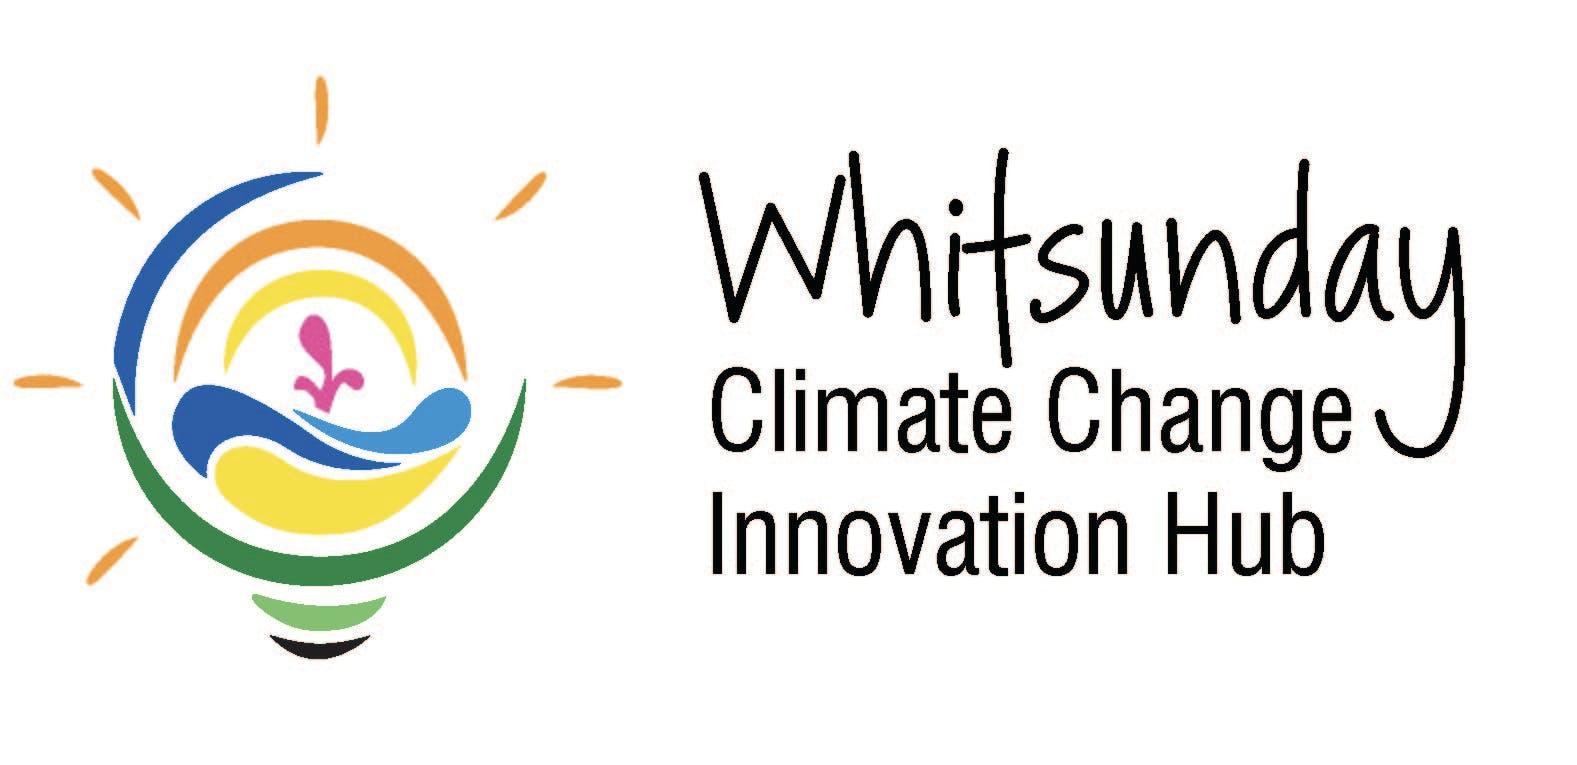 Whitsunday Climate Change Innovation Hub